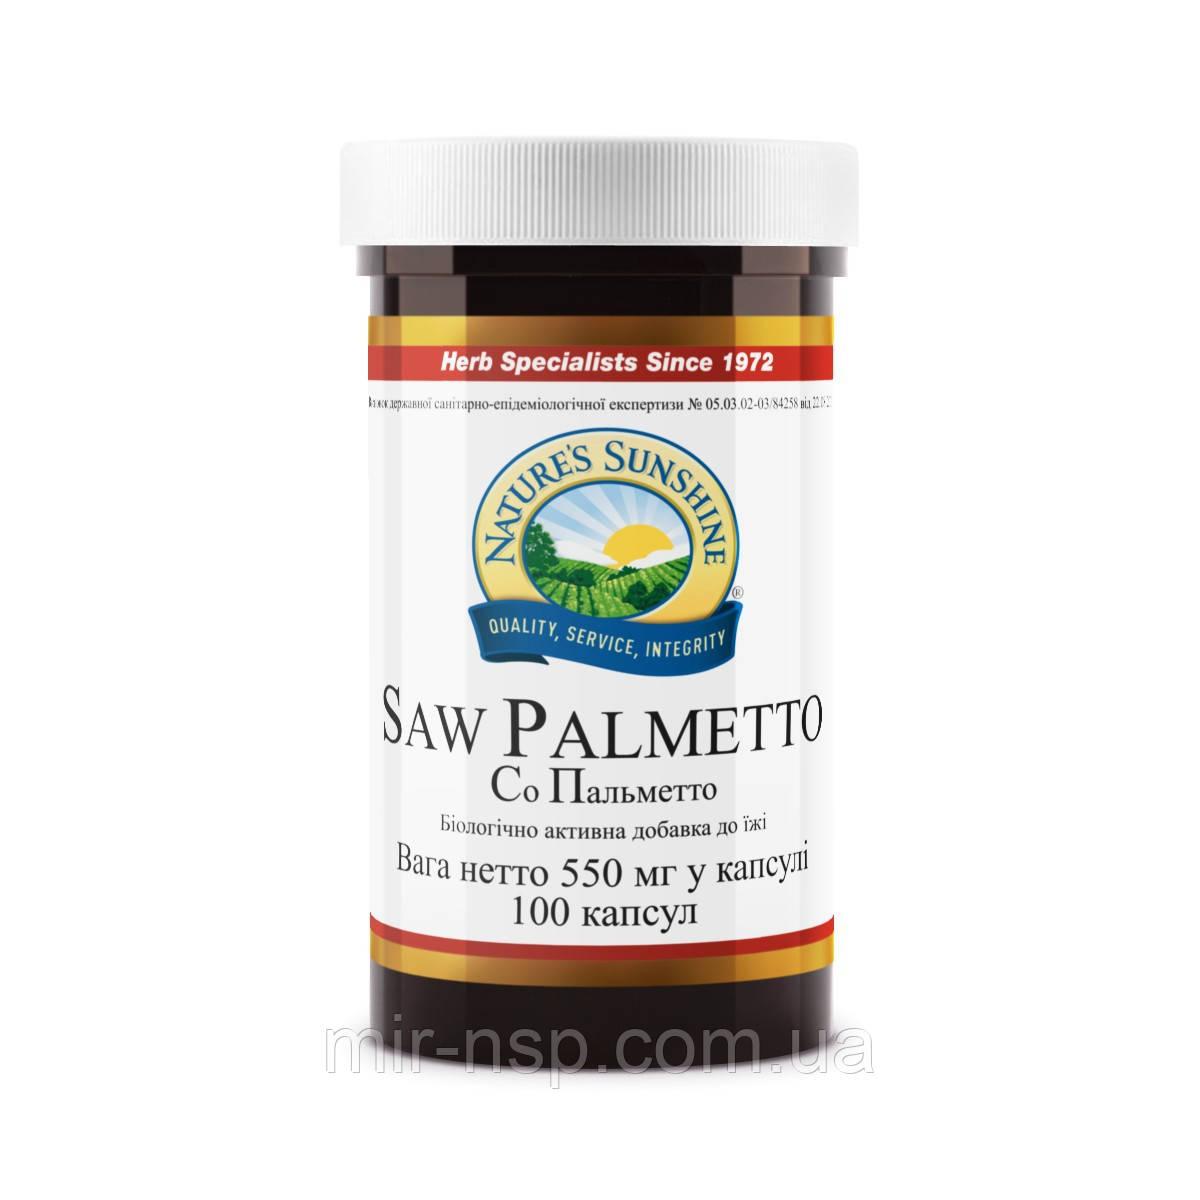 Со пальметто Saw Palmetto НСП